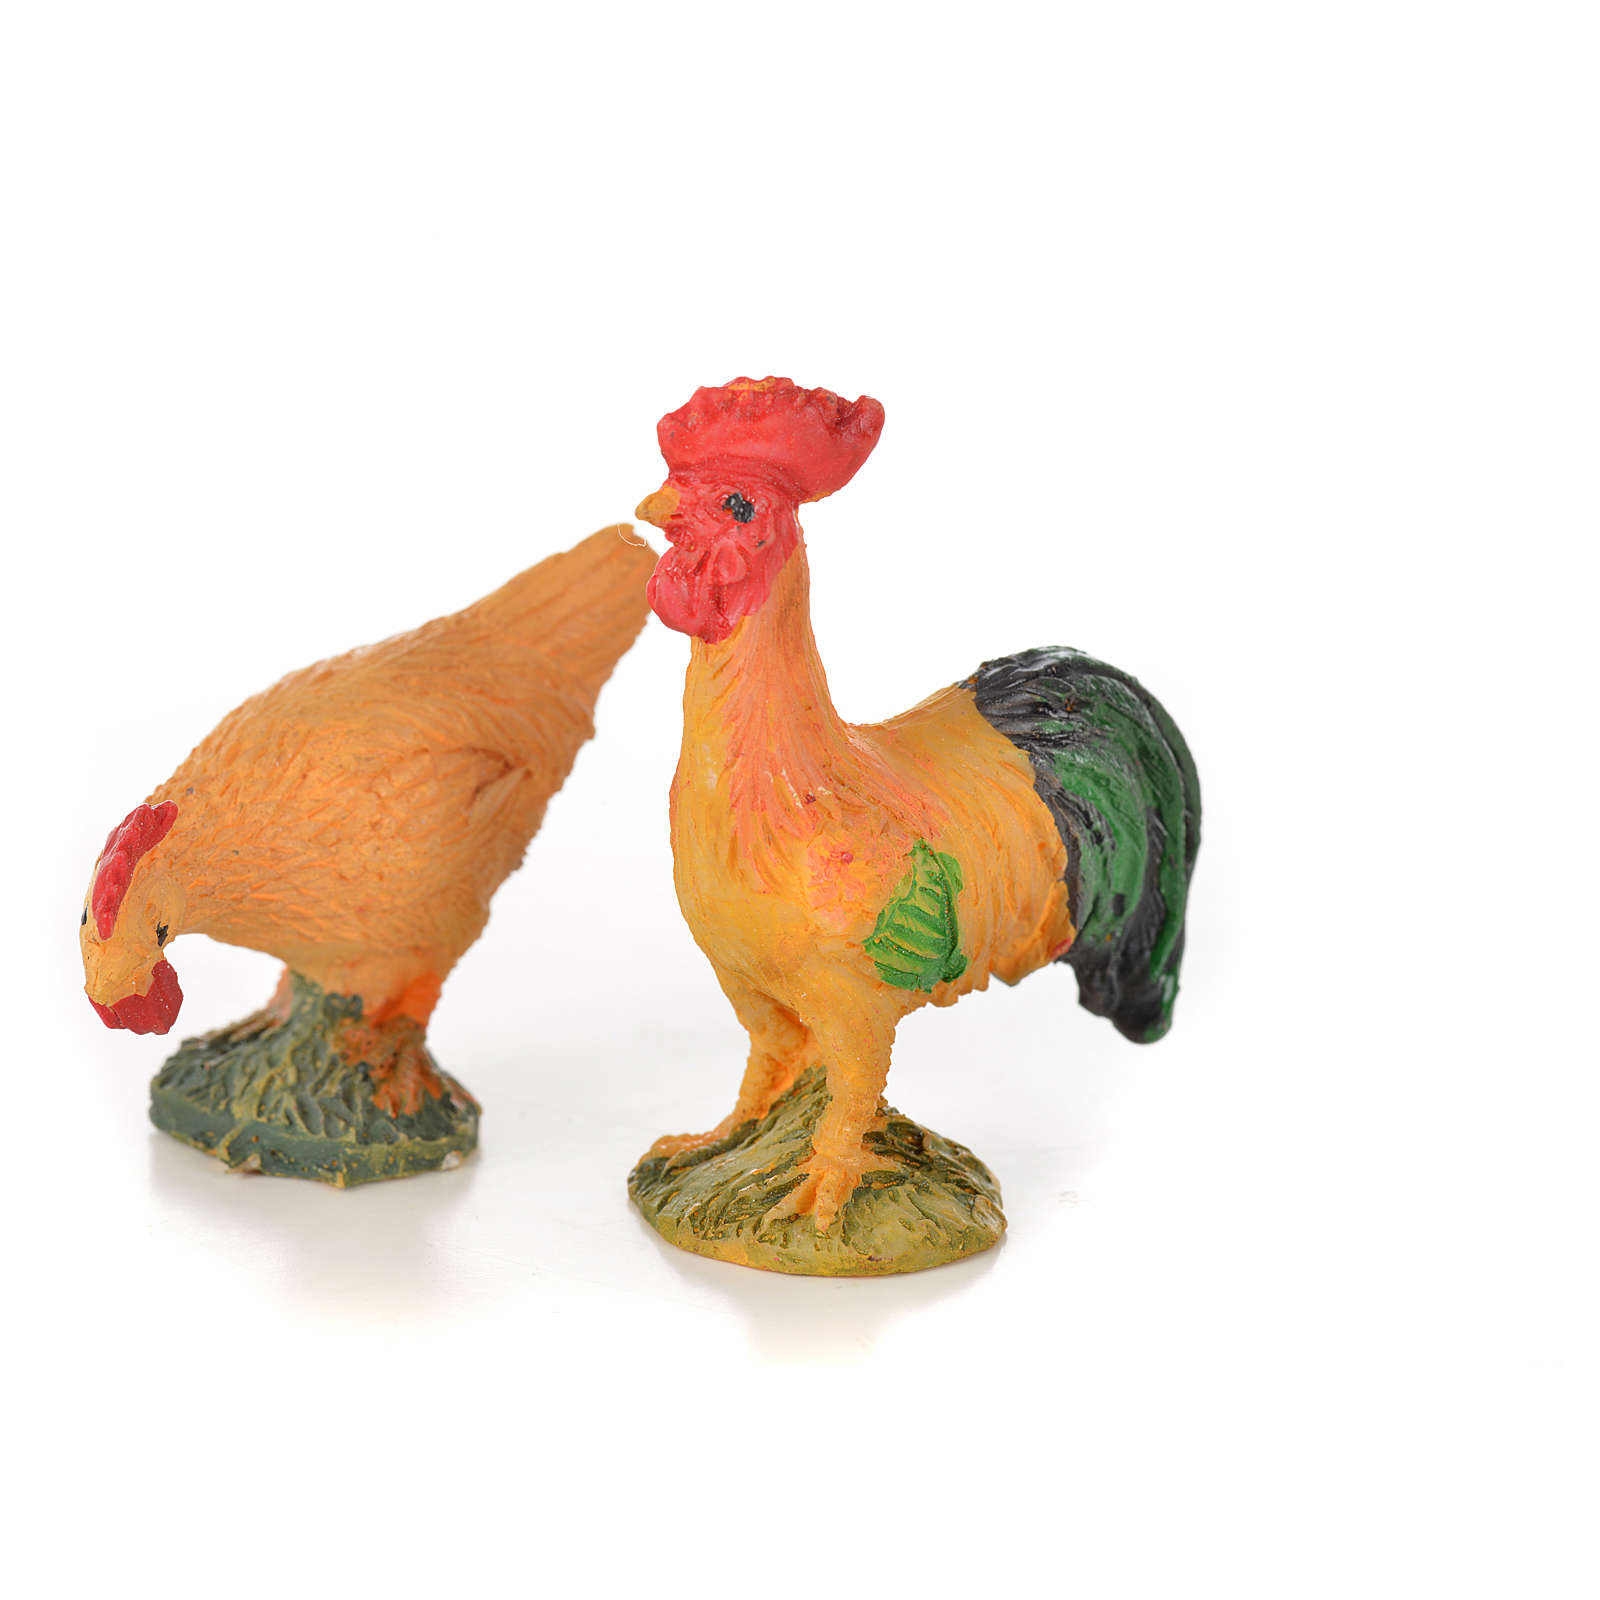 Coq et poule résine 15 cm pour crèche 3